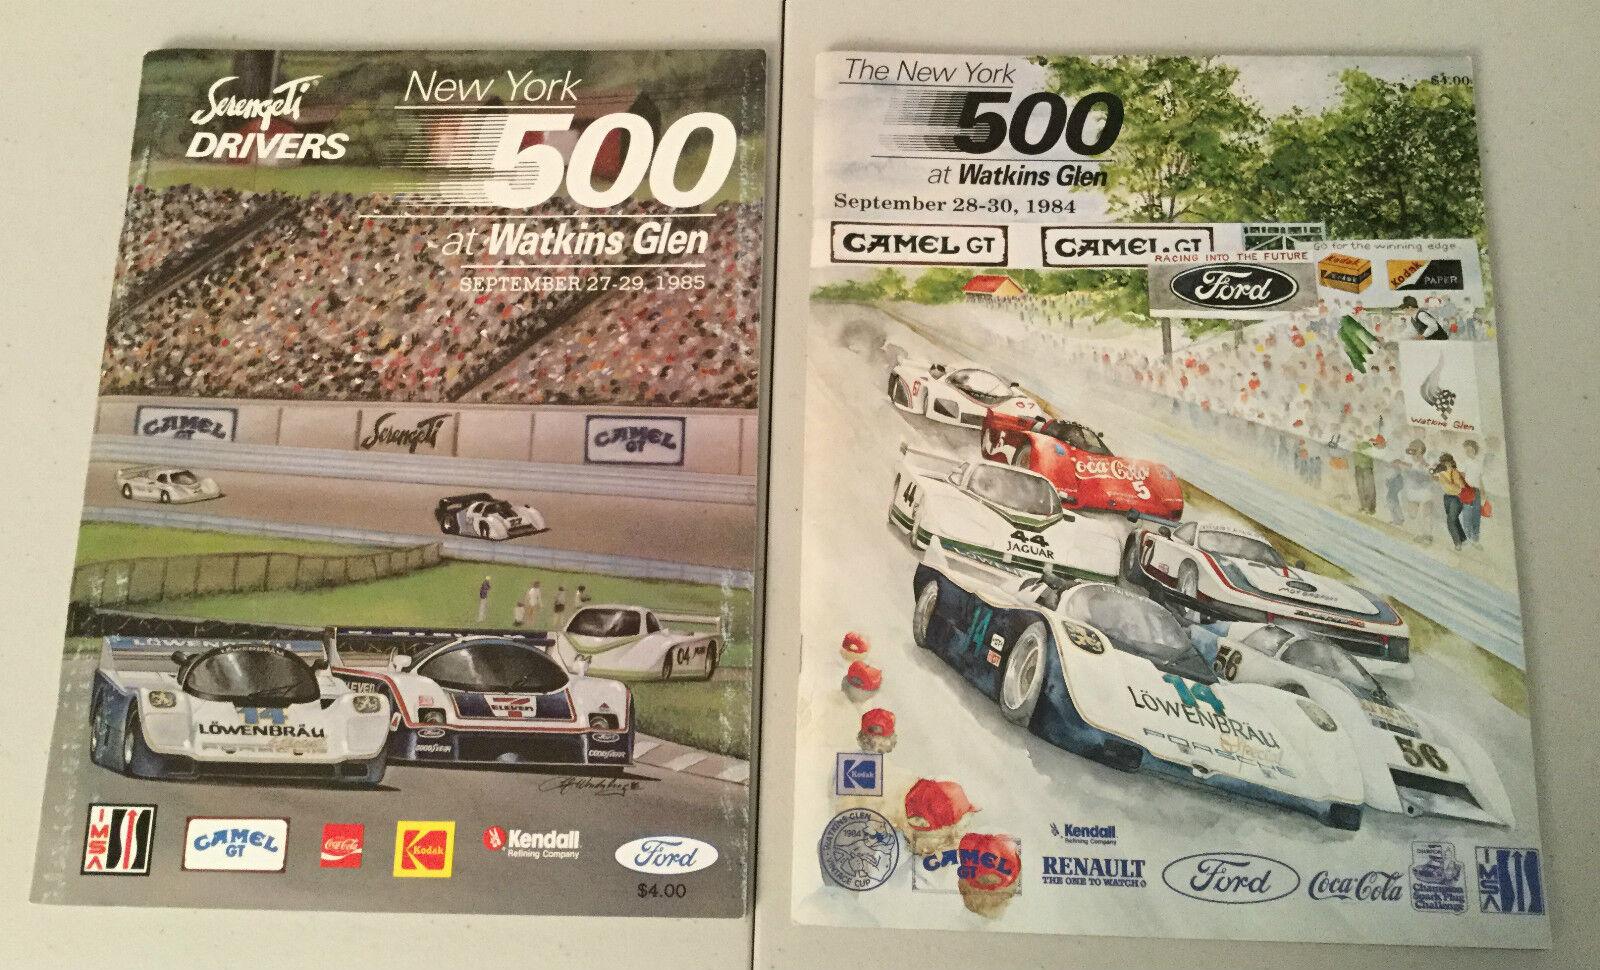 Nueva York 500 en en en Watkins Glen programas internacionales    b18ab8